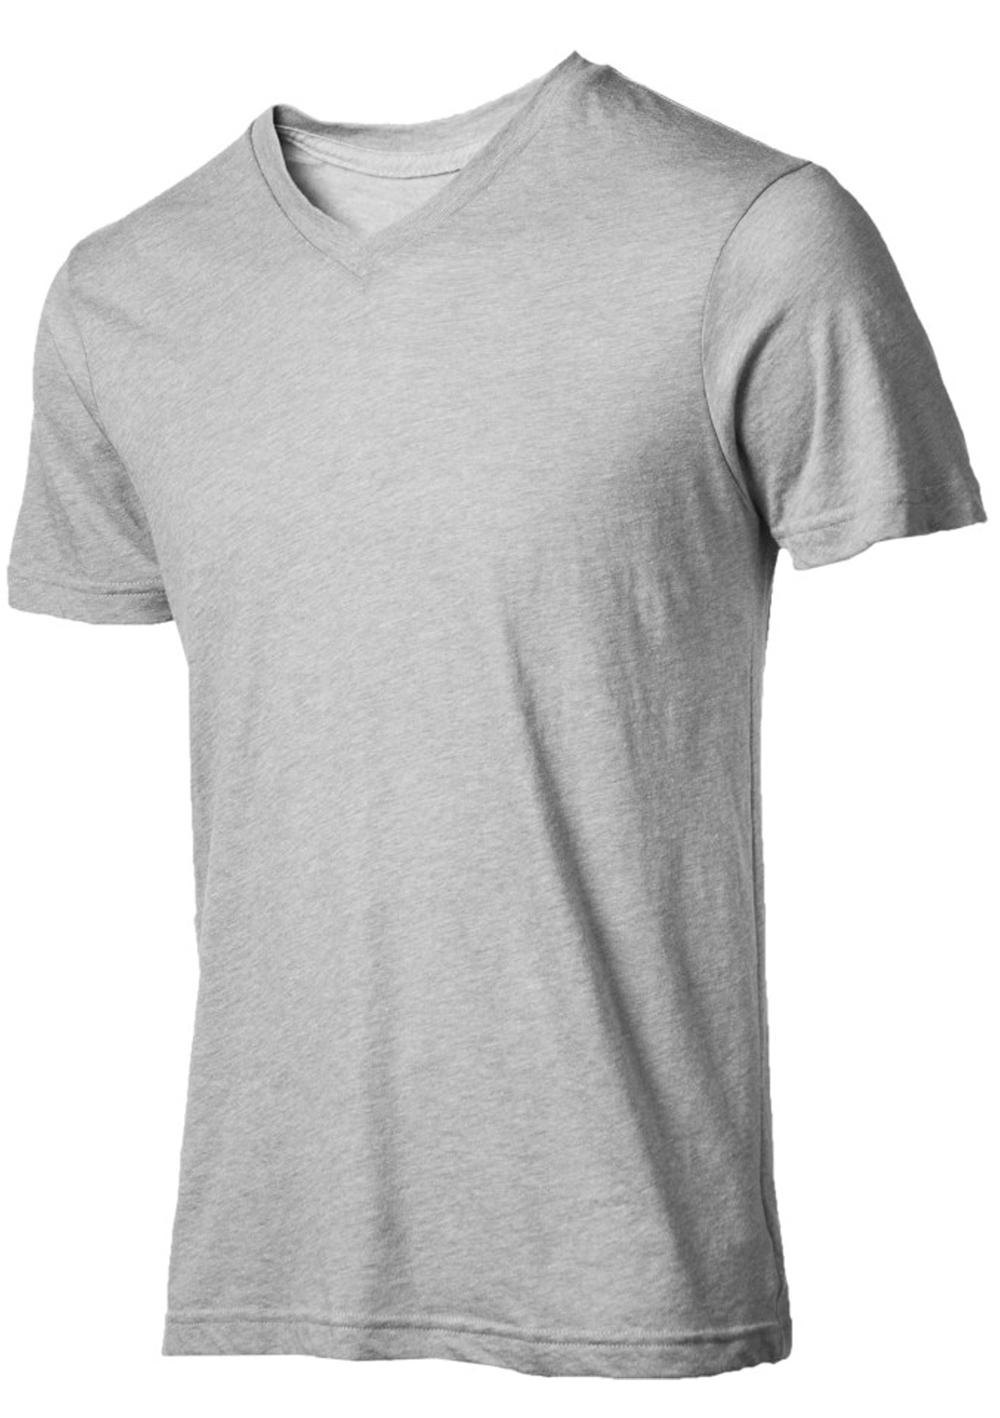 Mens 100 polyester plain v neck t shirt buy plain v for Mens plain v neck t shirts